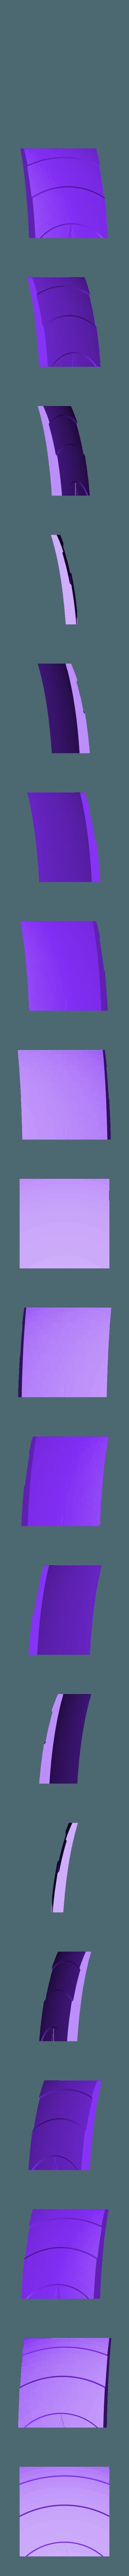 6.STL Télécharger fichier STL gratuit Bouclier du capitaine amérique (Entièrement détaillé) • Design pour imprimante 3D, Absolute3D